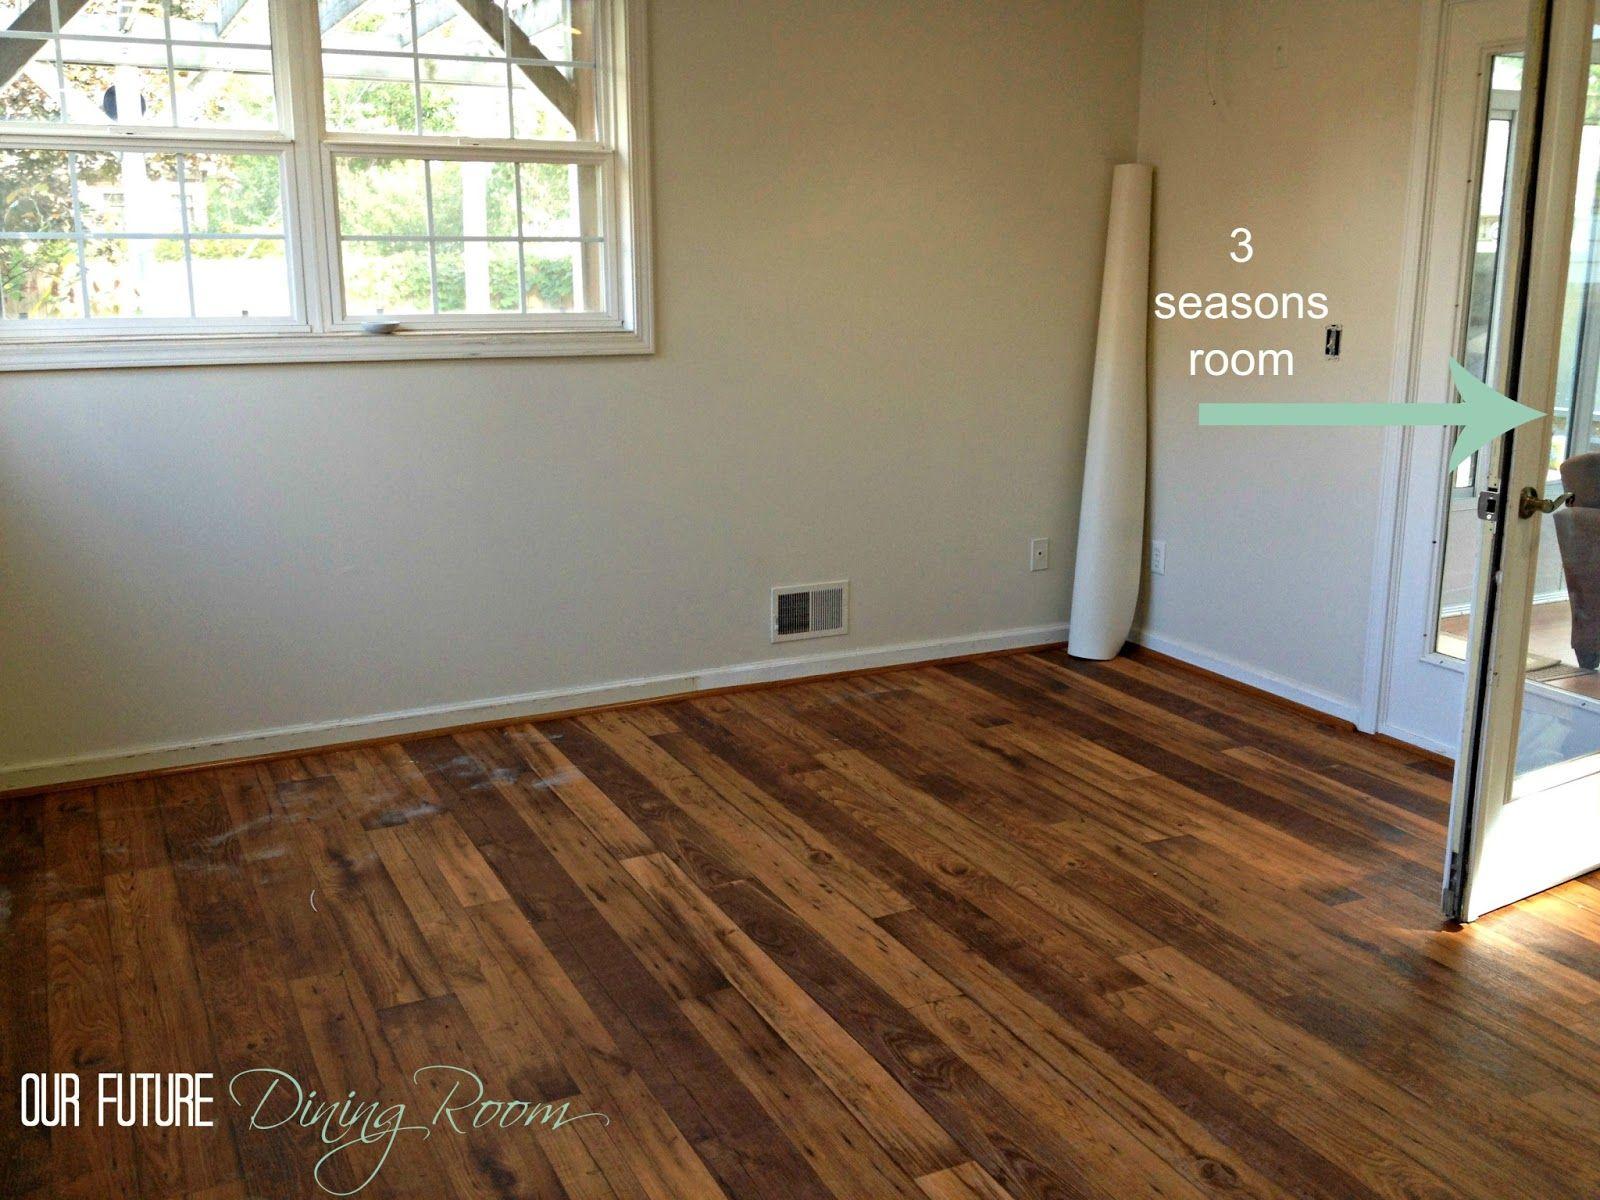 kitchen flooring hardwood floor in kitchen linoleum wood flooring faux hardwood we went with a textured vinyl flooring